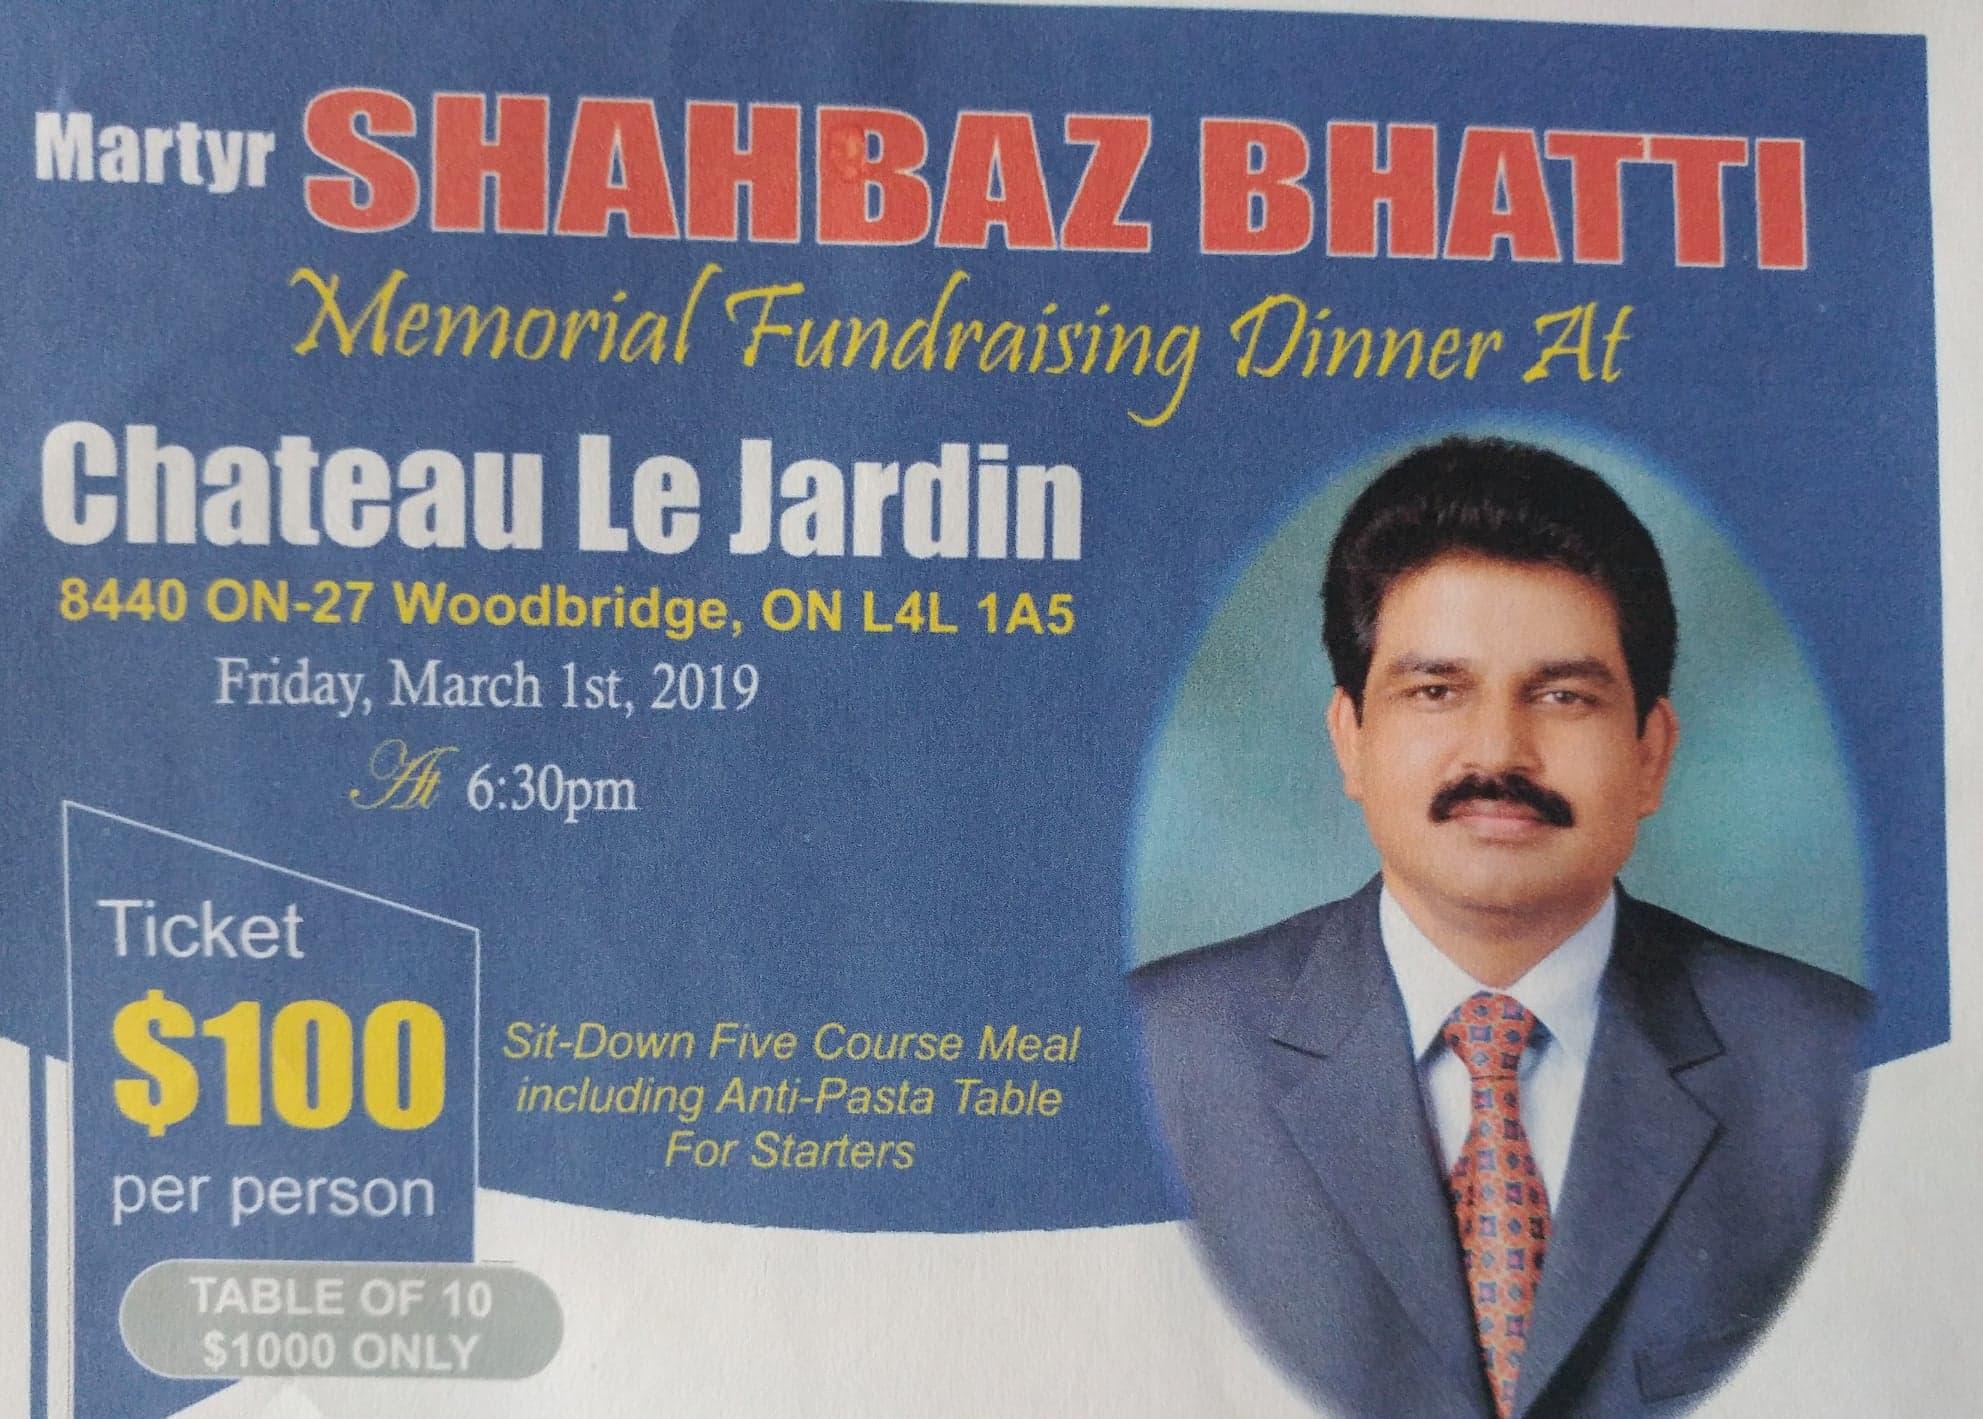 Martyr Shahbaz Bhatti.Mar 01 19